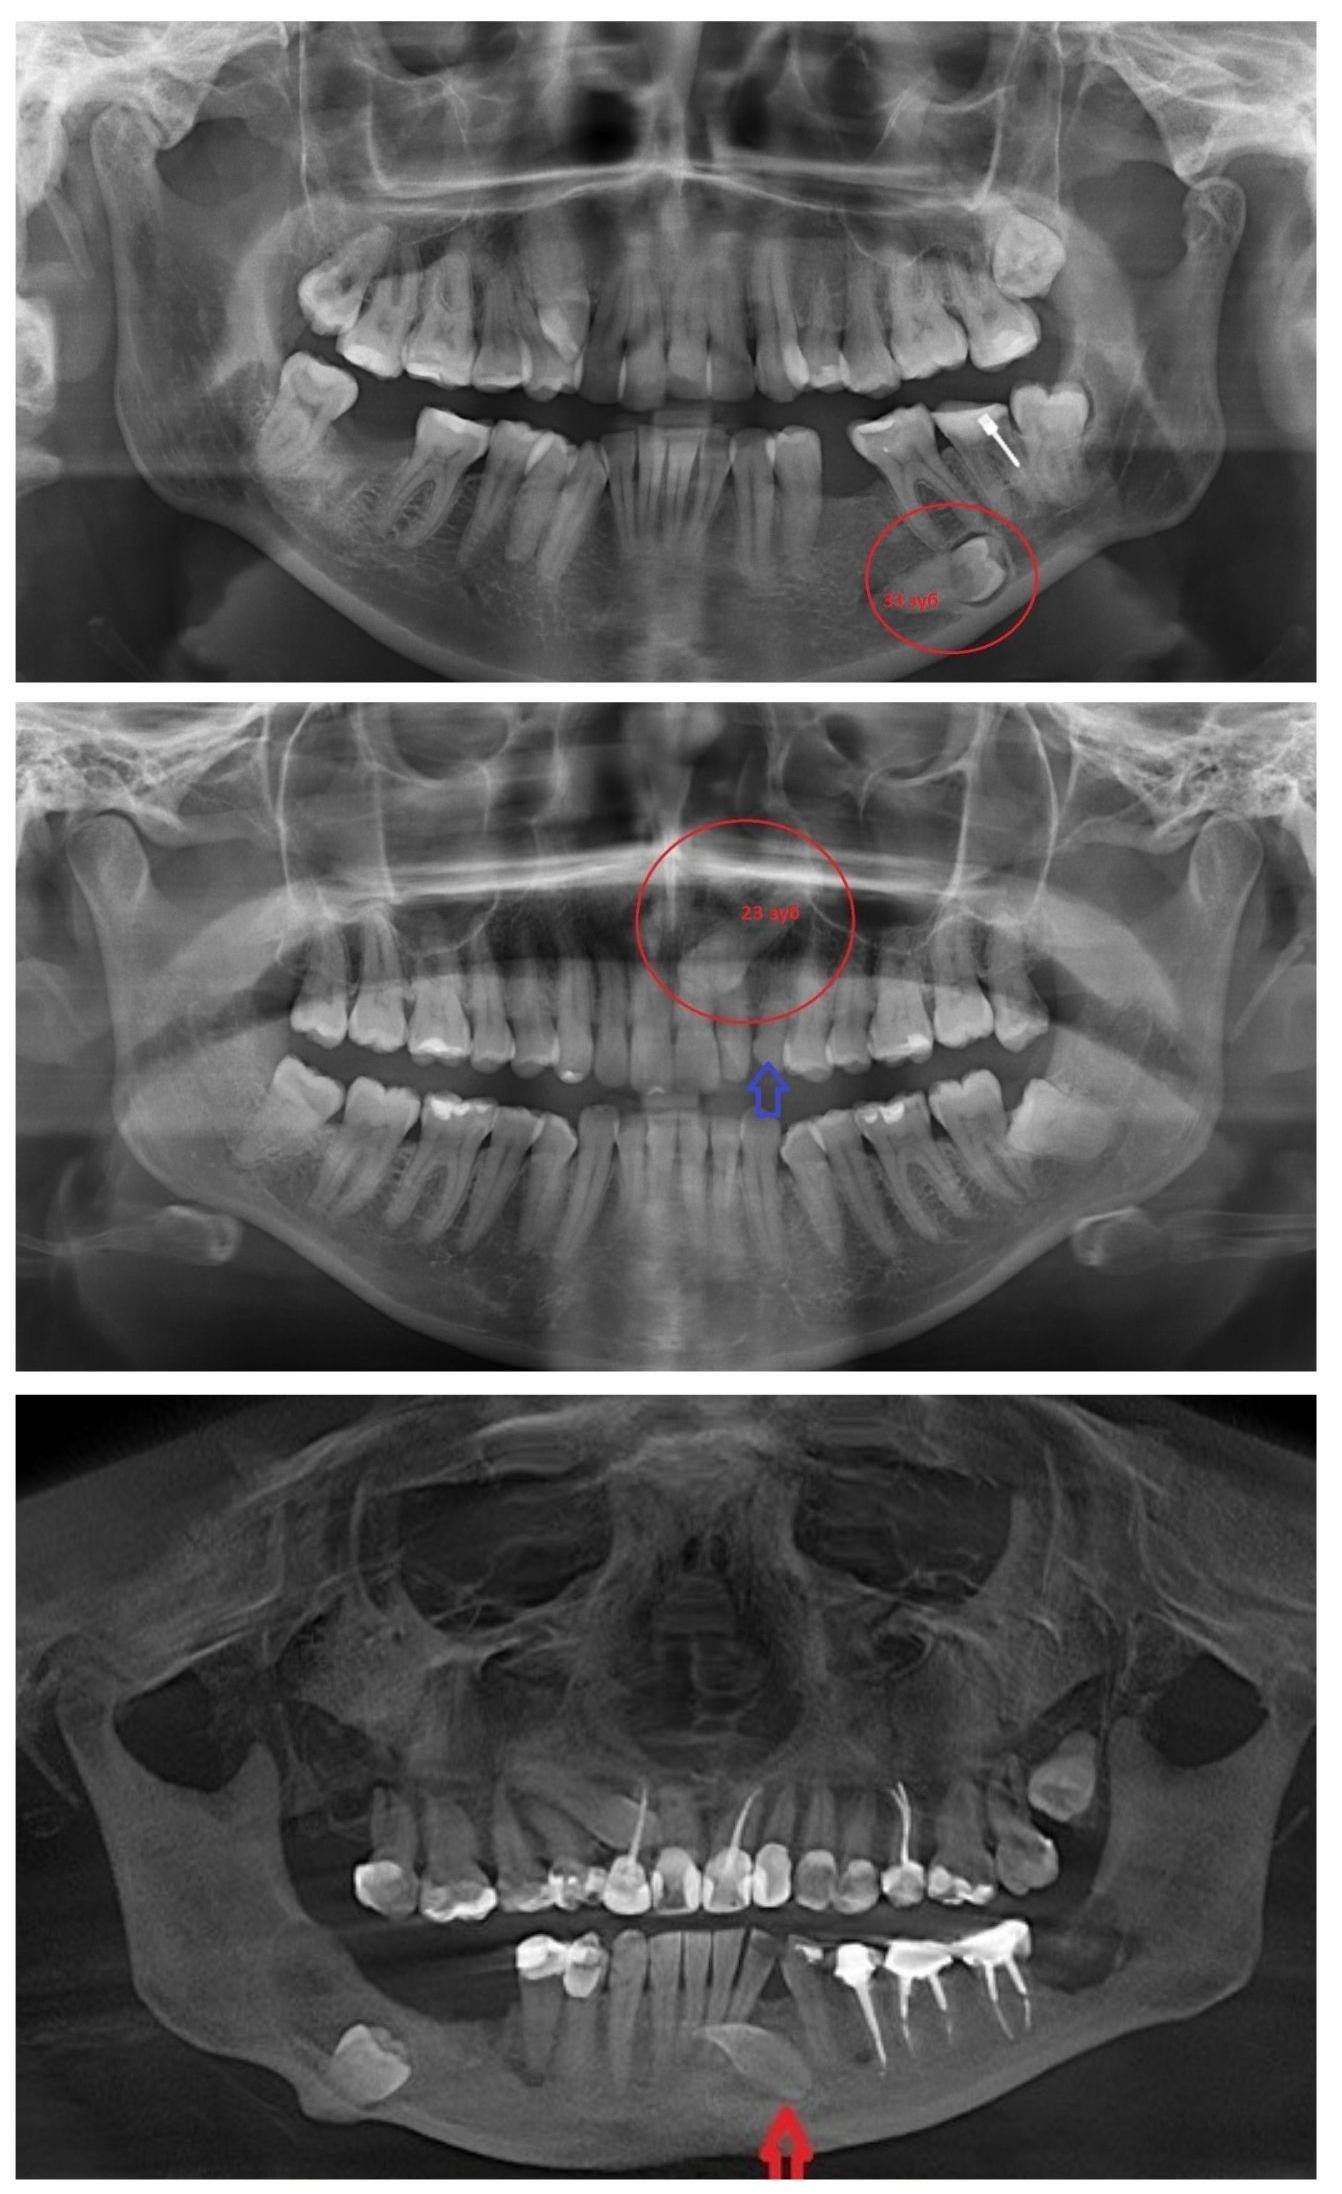 Примеры ретинированных зубов на рентгеновском снимке